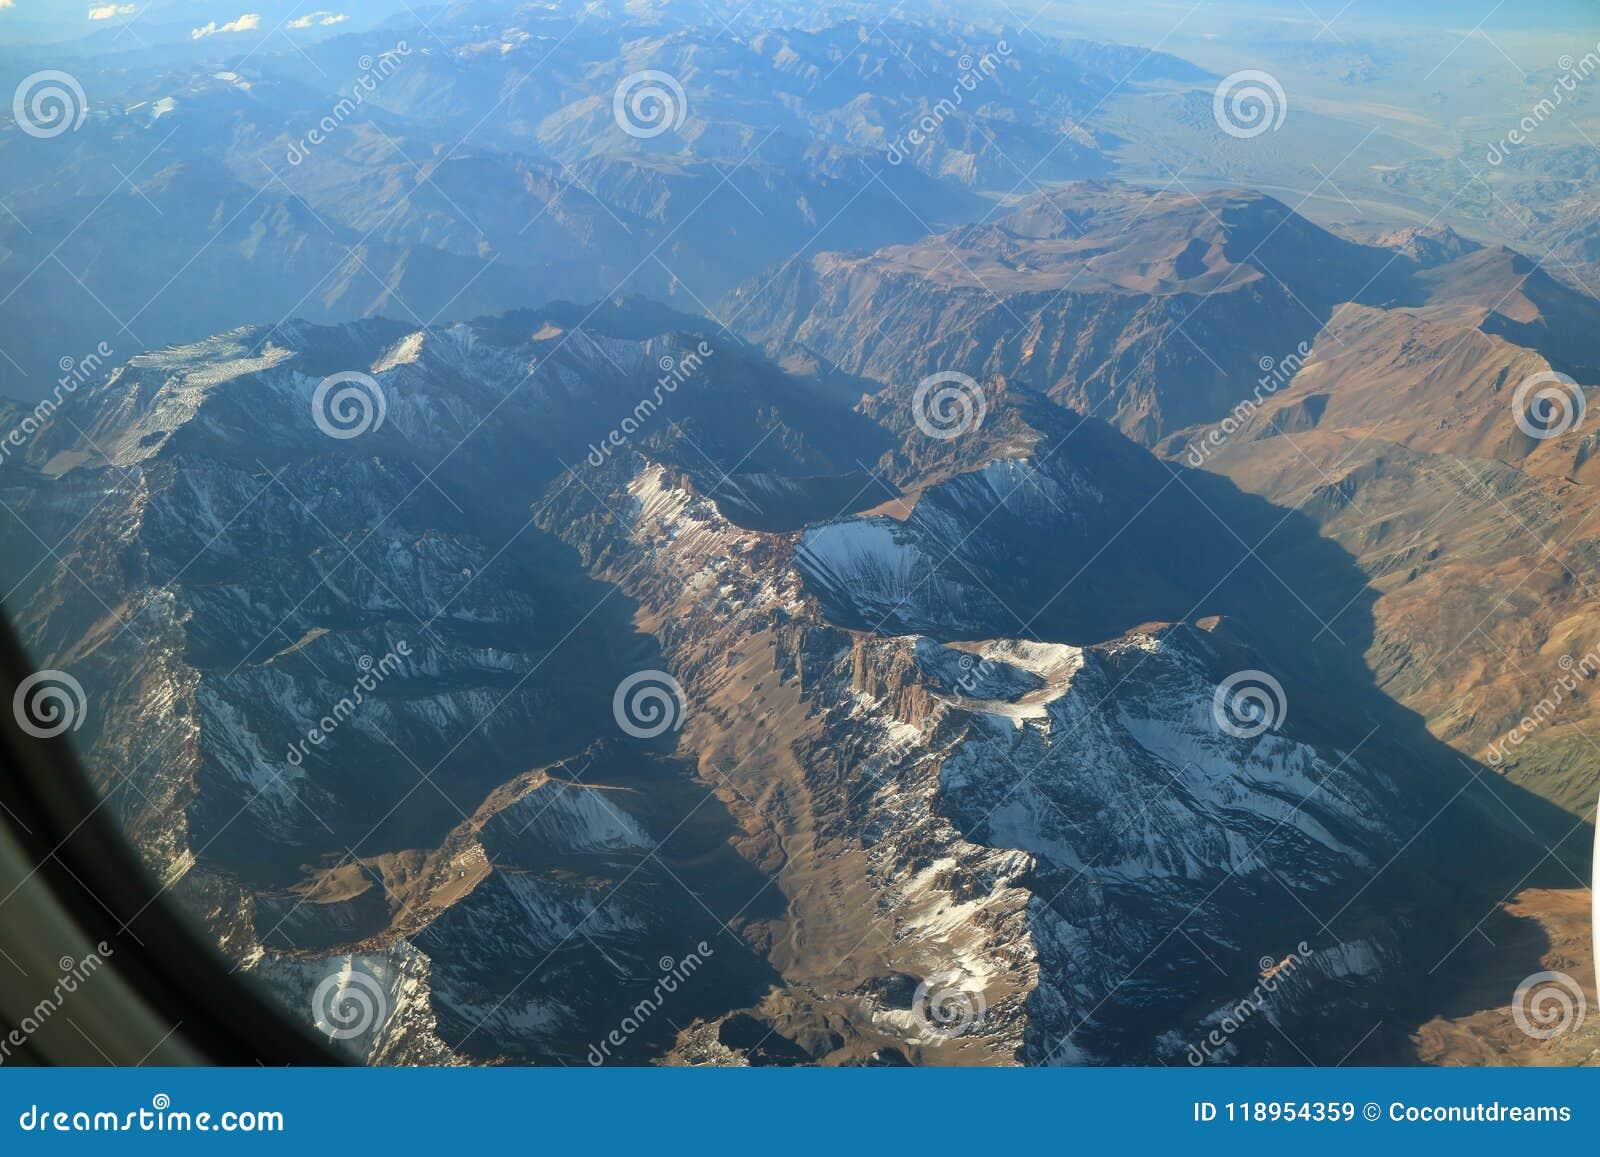 La belle vue aérienne de la neige a couvert la gamme de montagne vue de la fenêtre d avion